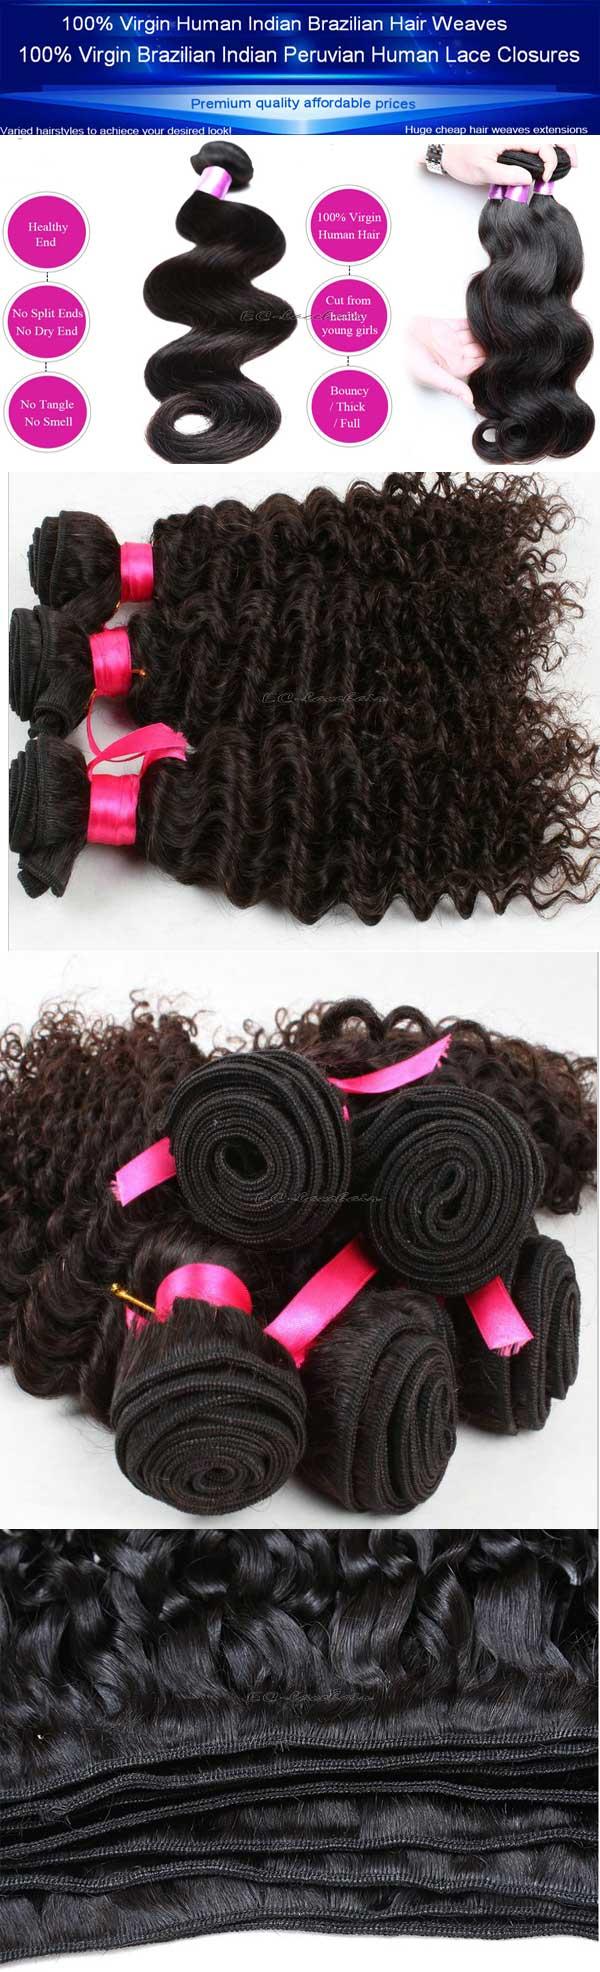 indian hair weaves